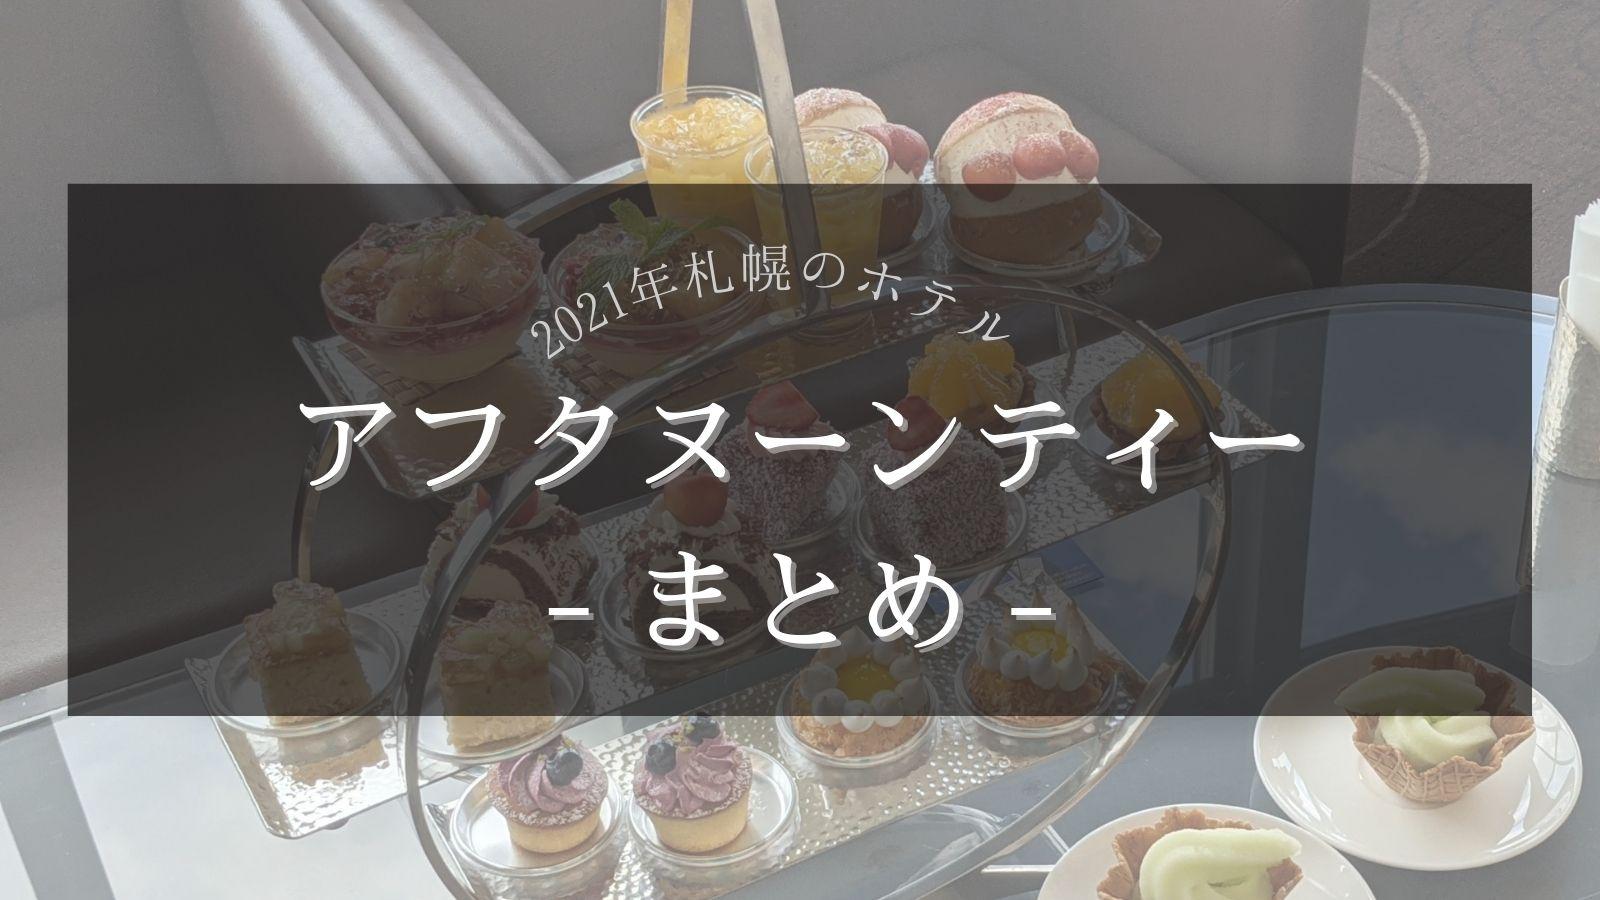 札幌 アフタヌーンティー ホテル